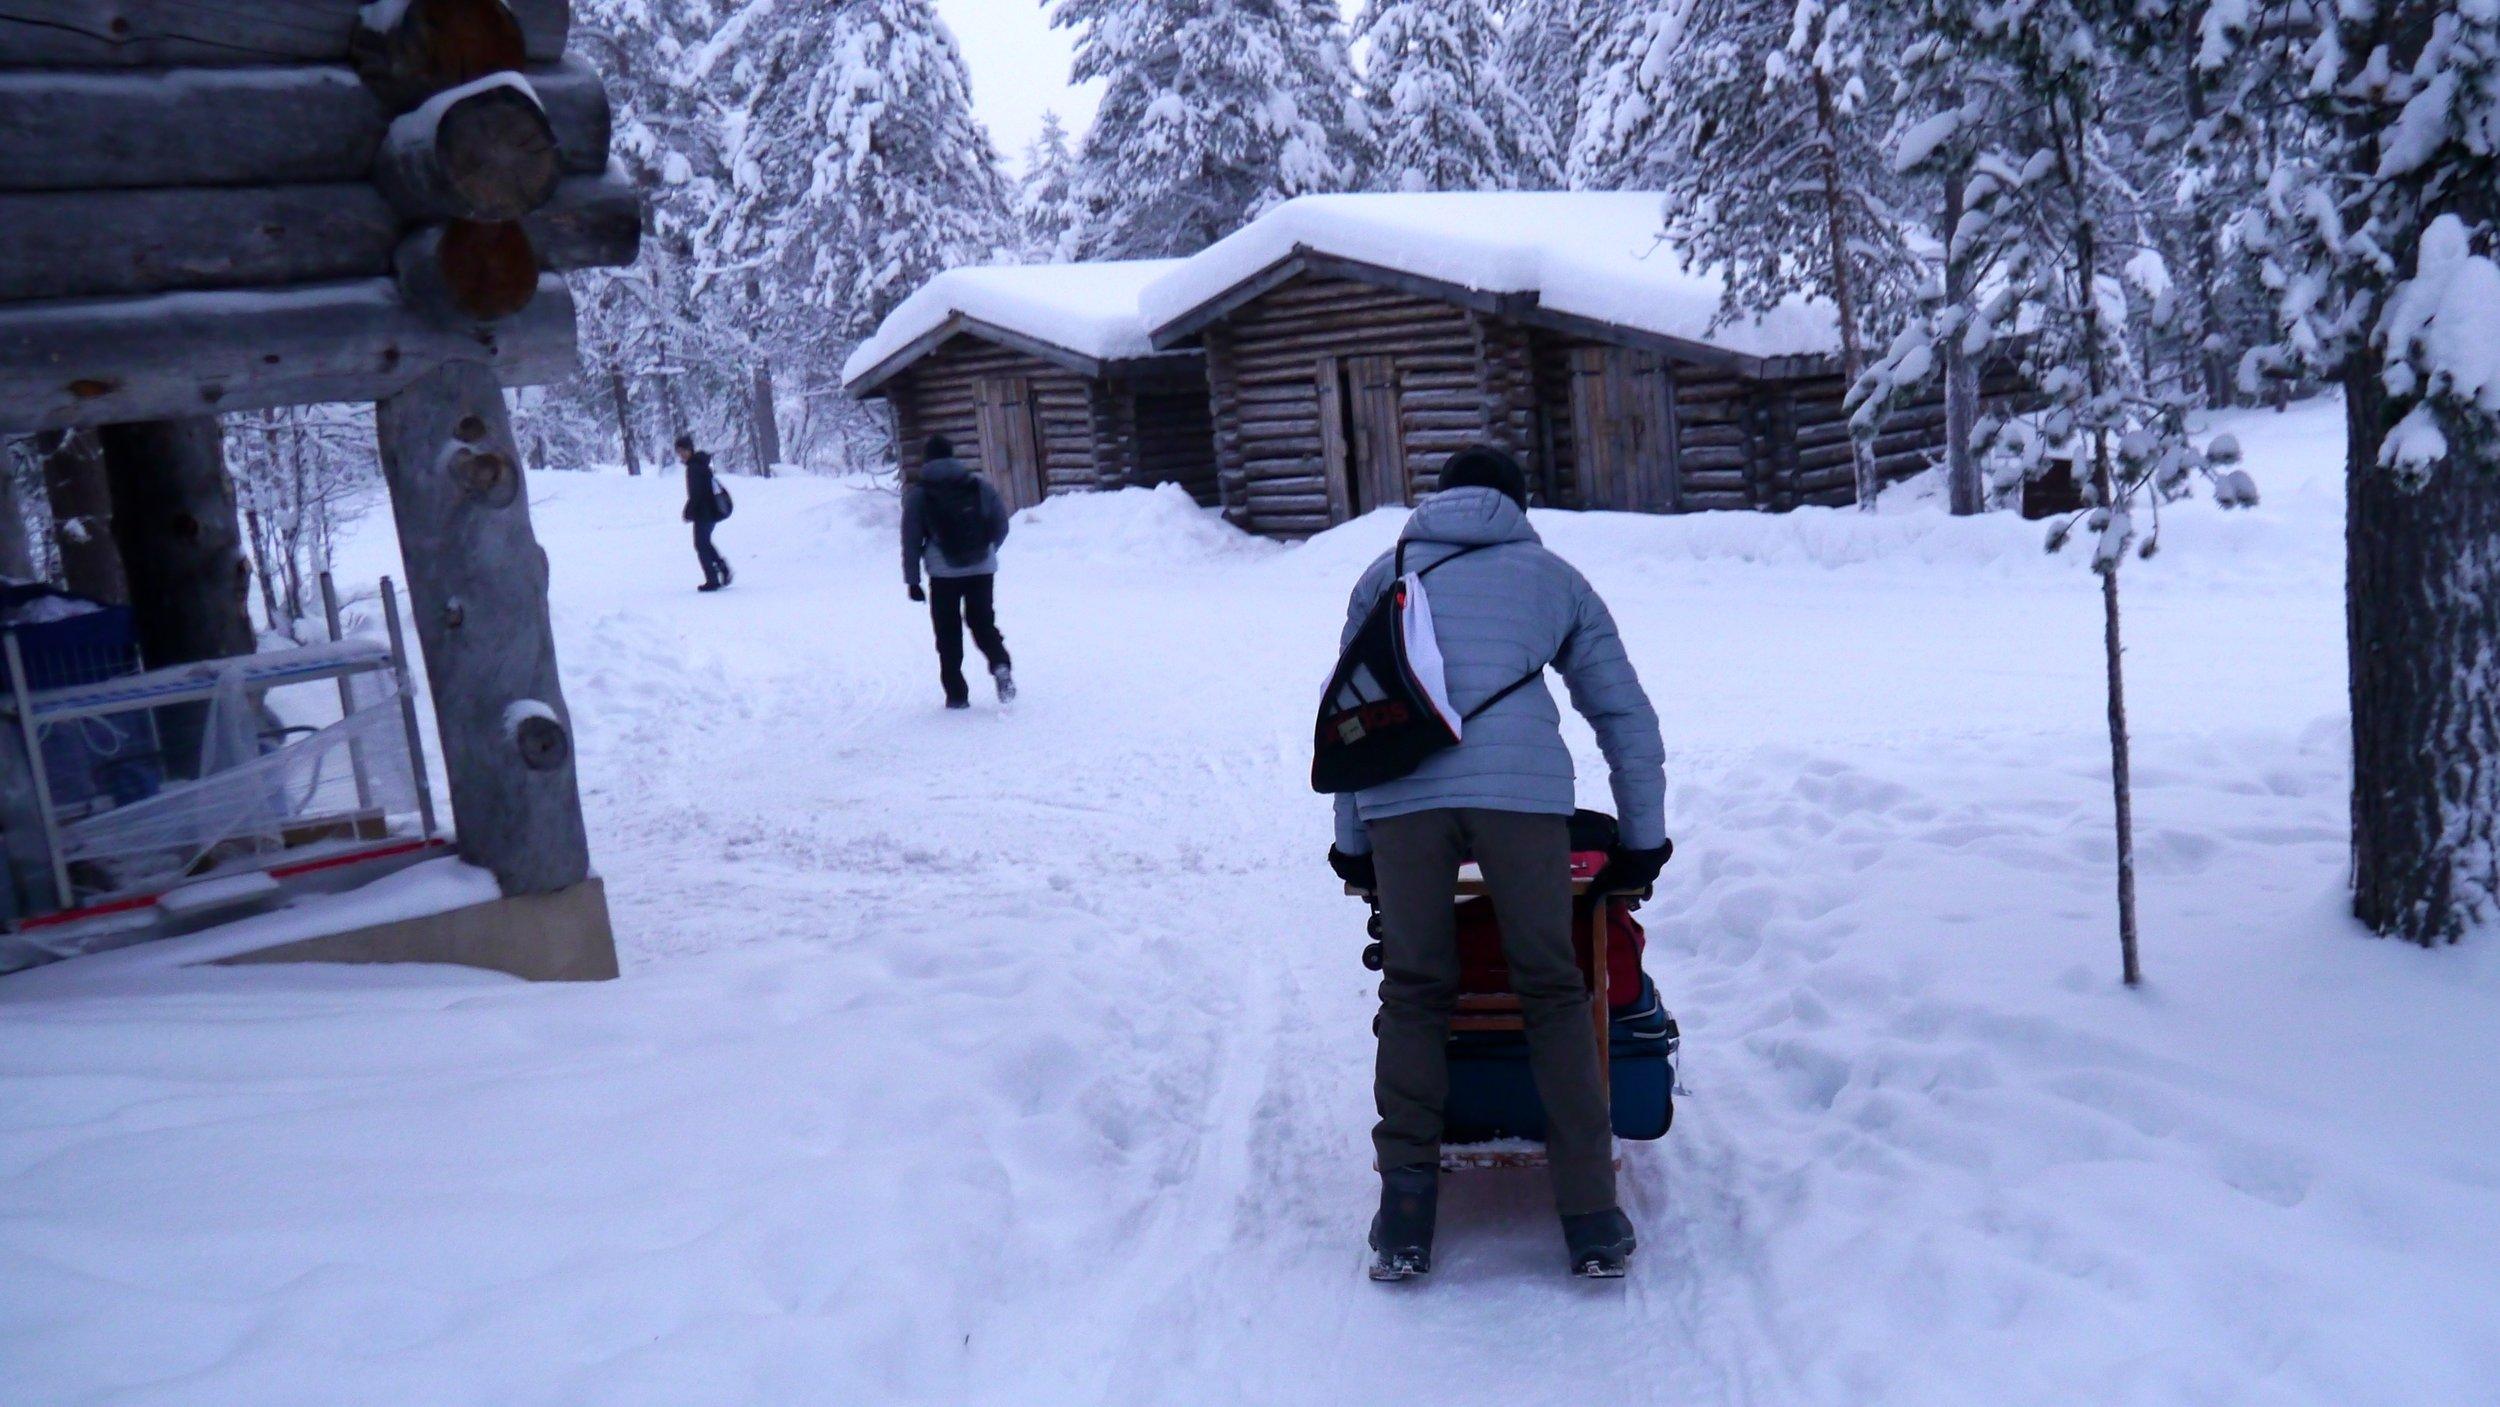 12-22-14 Nathan rides luggage sled copy.jpg